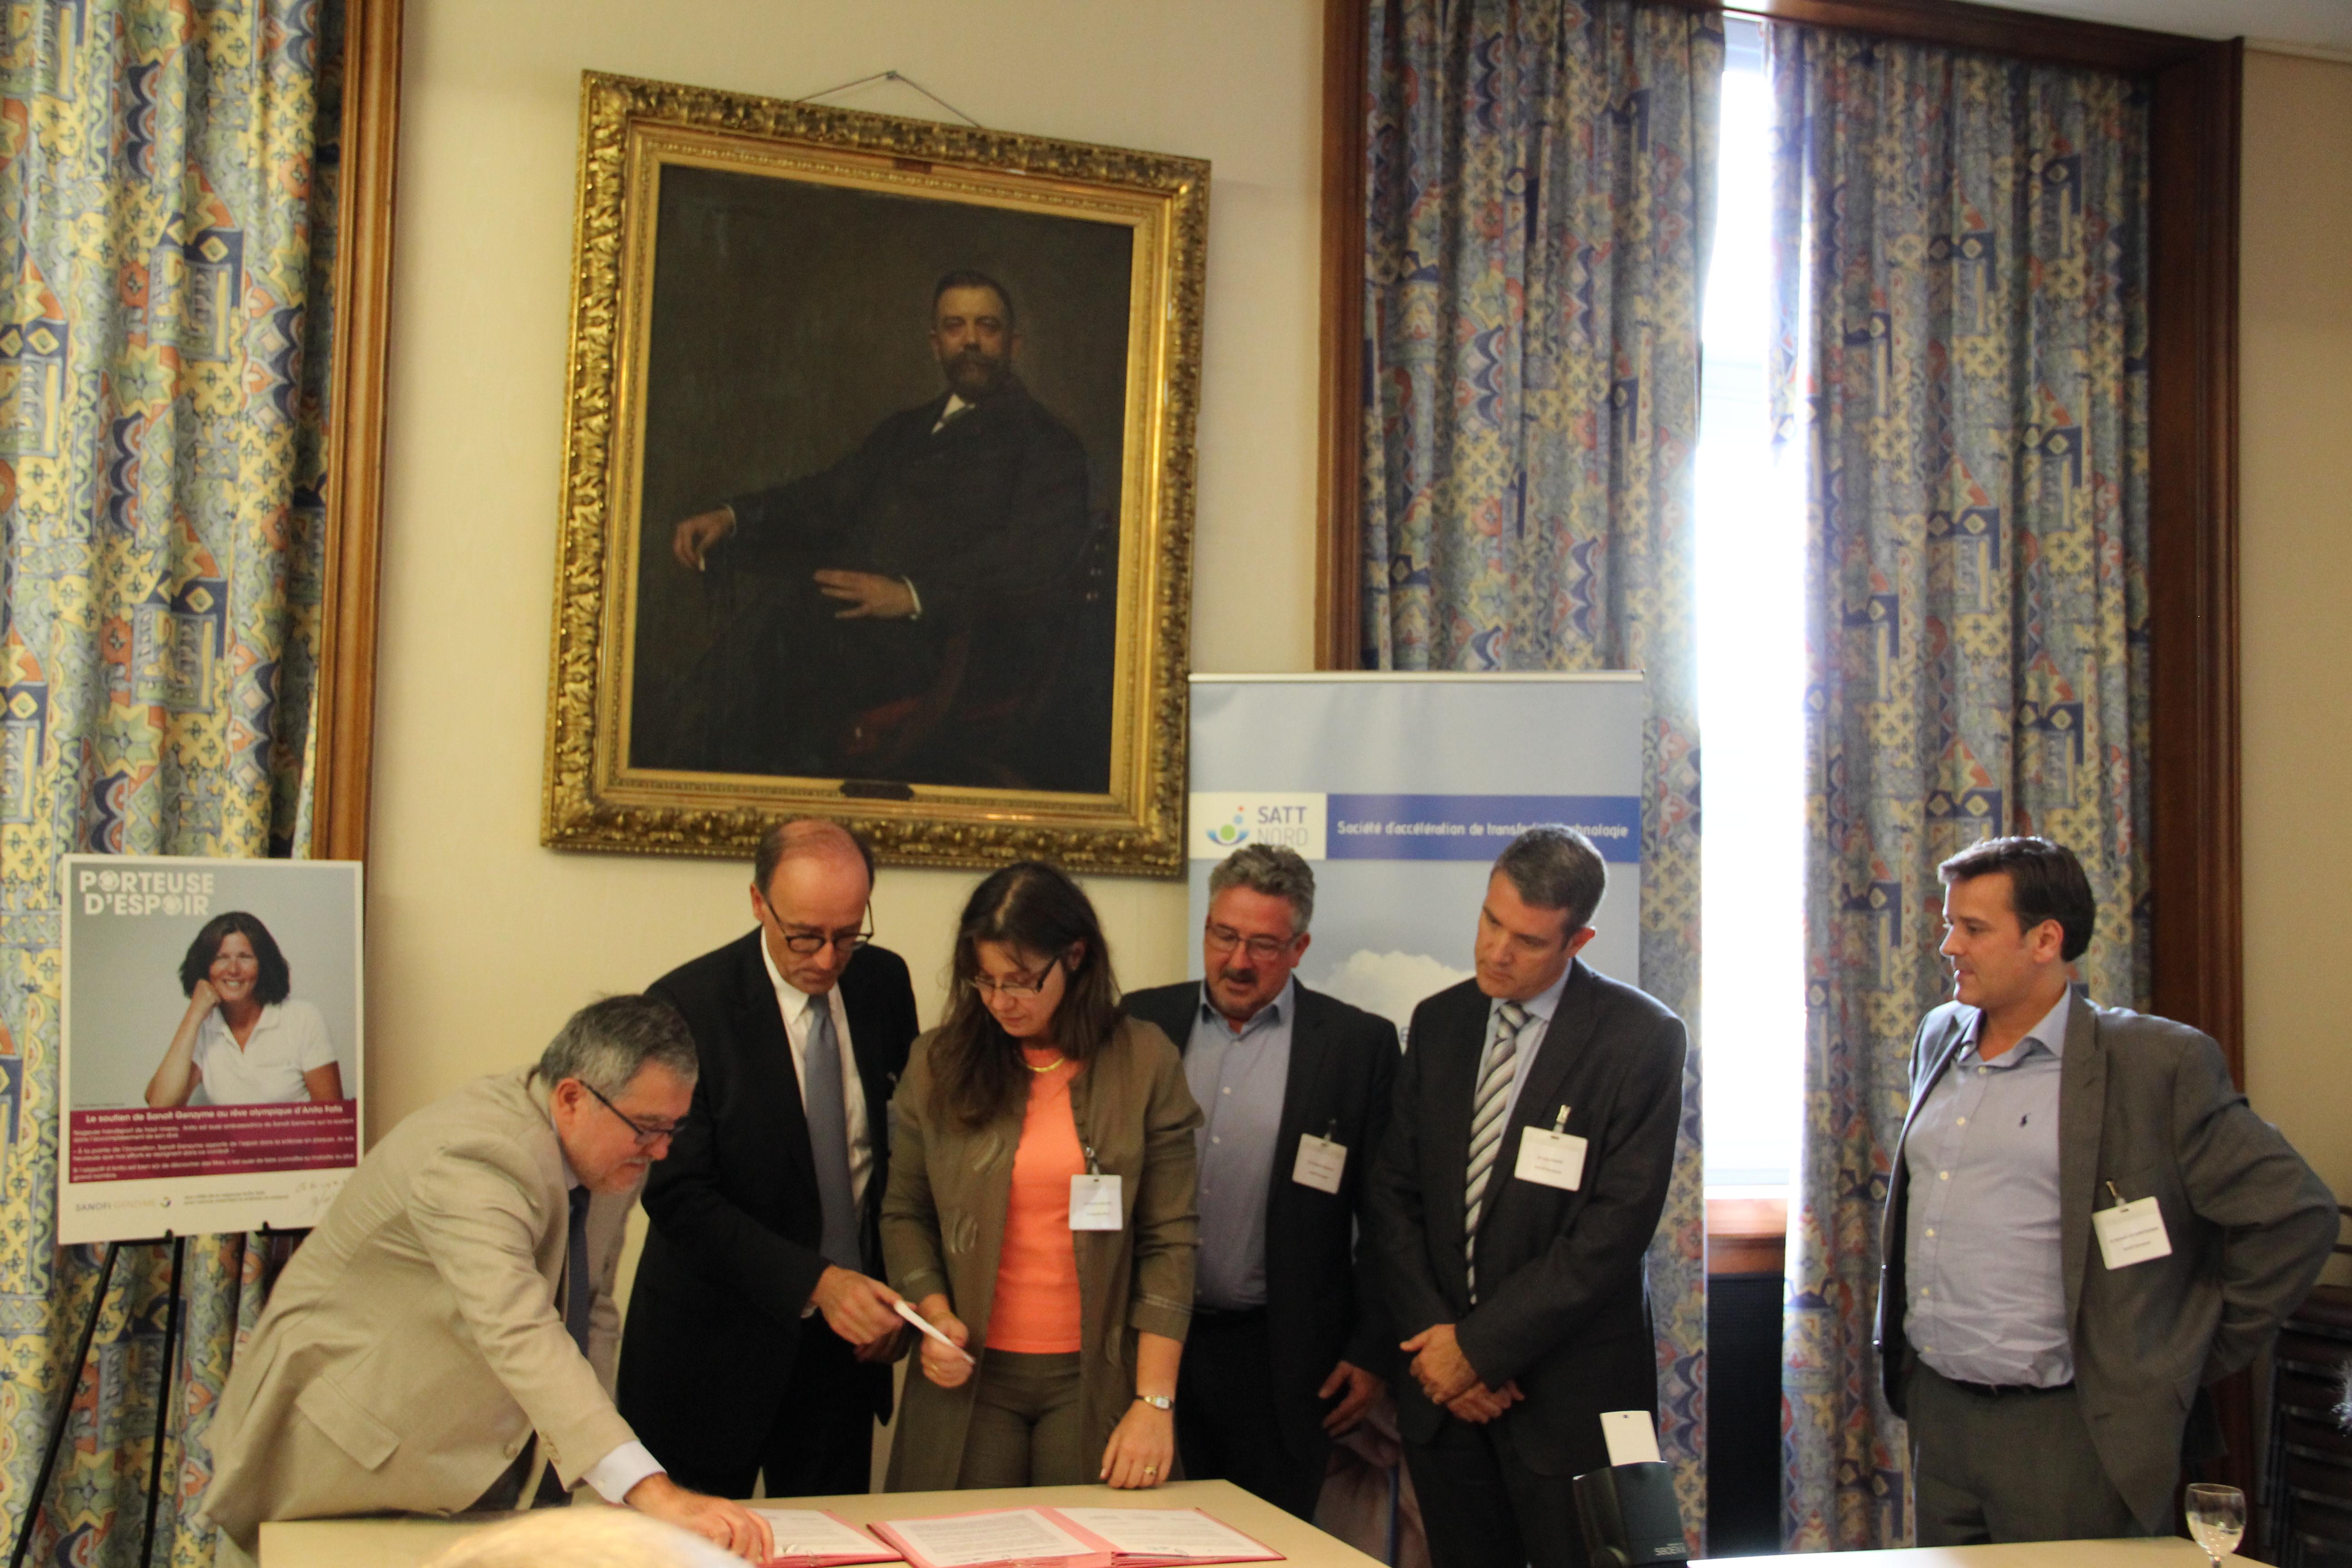 signature du partenariat entre Sanofi Genzyme et la SATT nord en collaboration avec l'Université de Lille, le CHRU de Lille, et l'Inserm